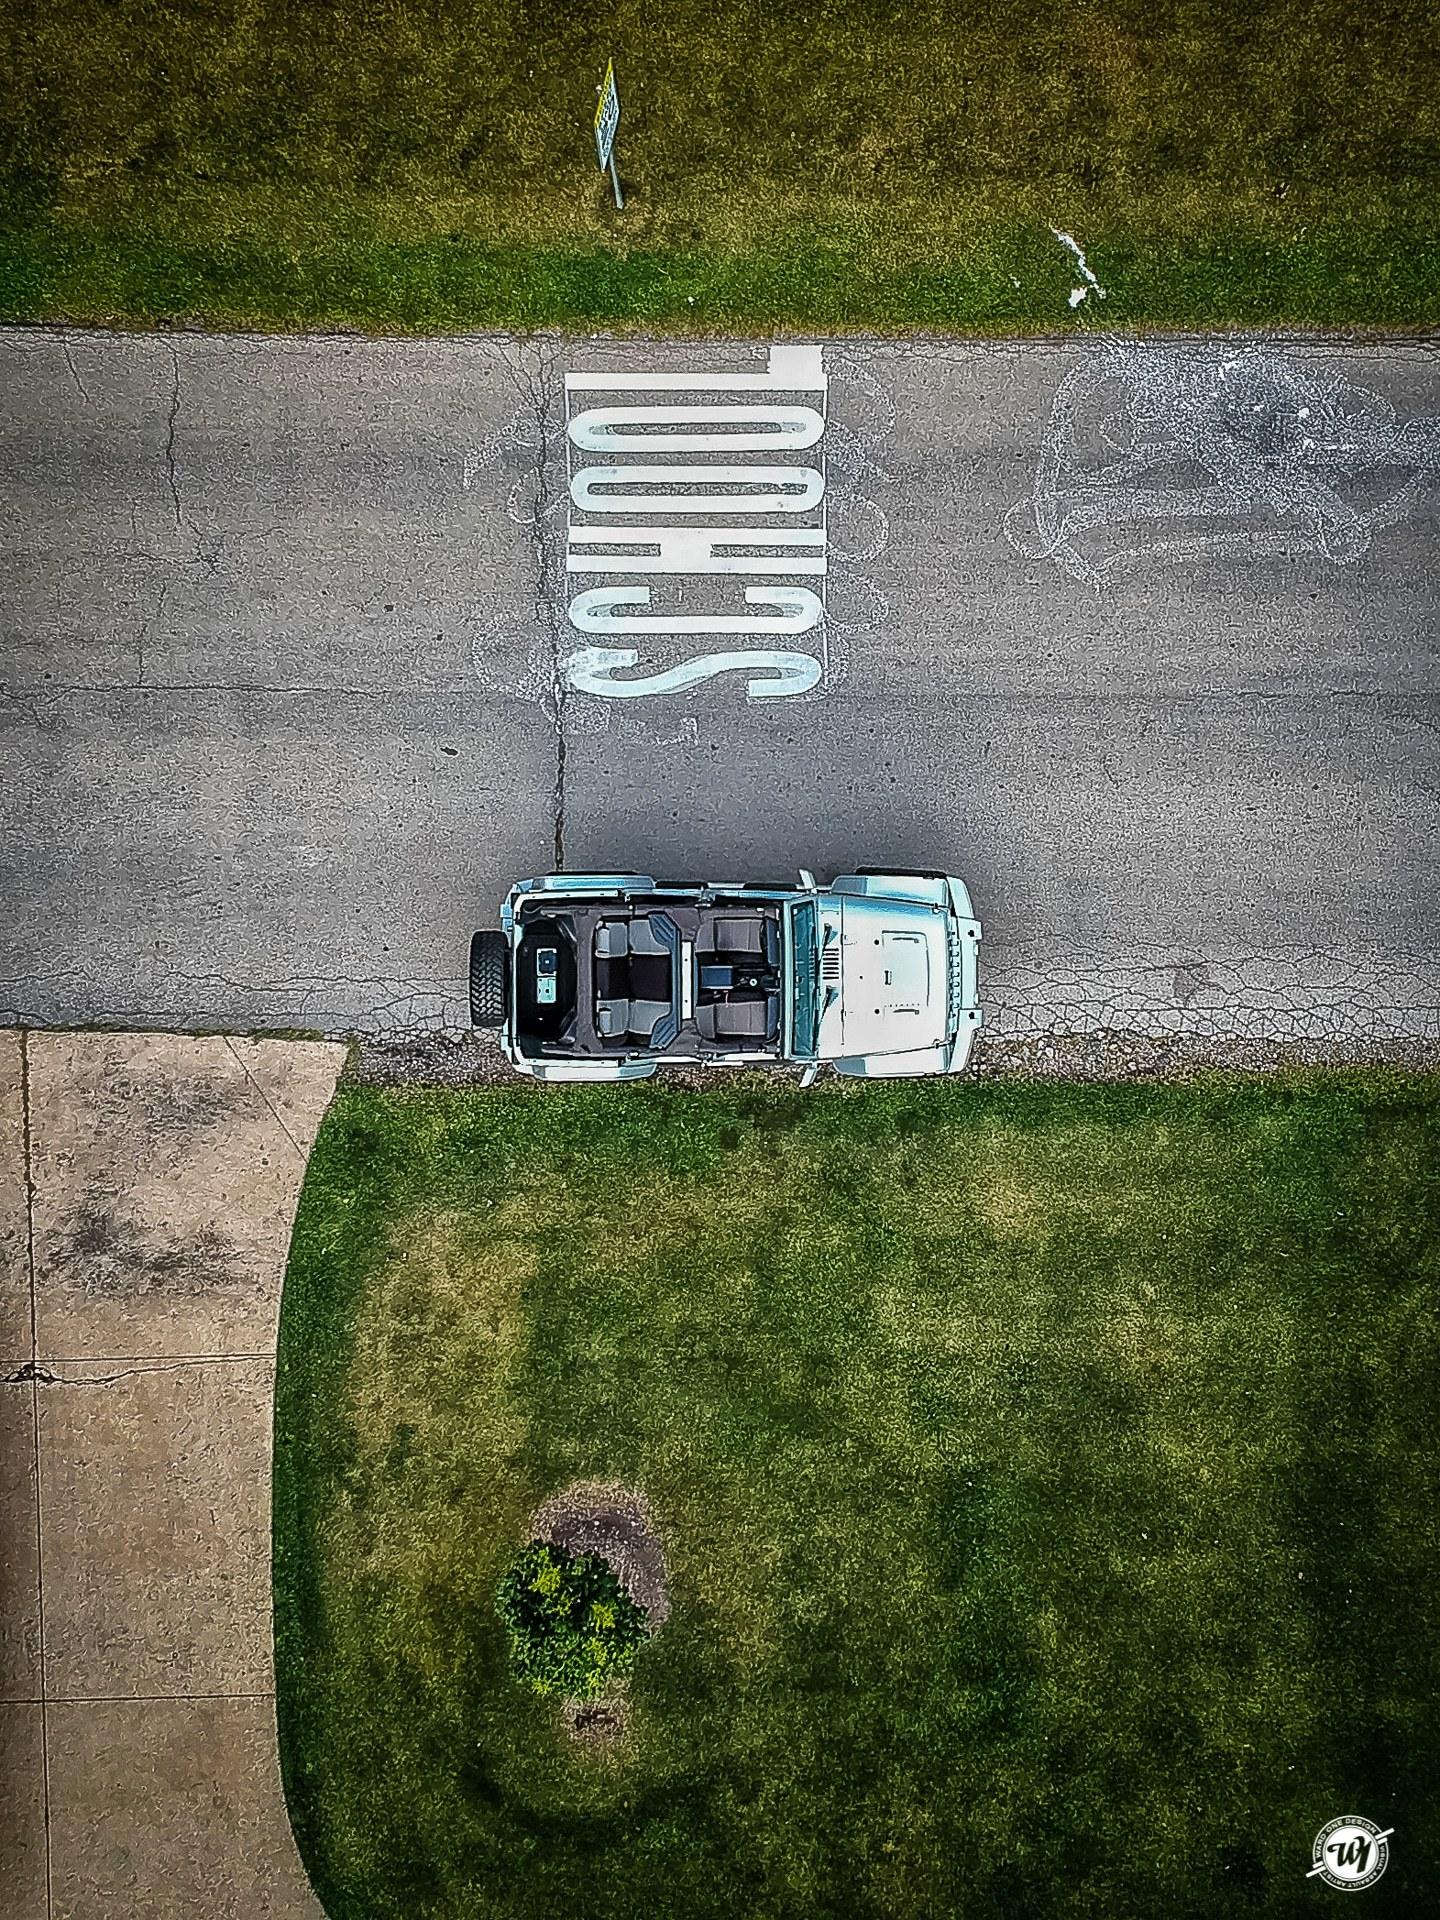 Jeep Wrangler DJI Spark drone picture